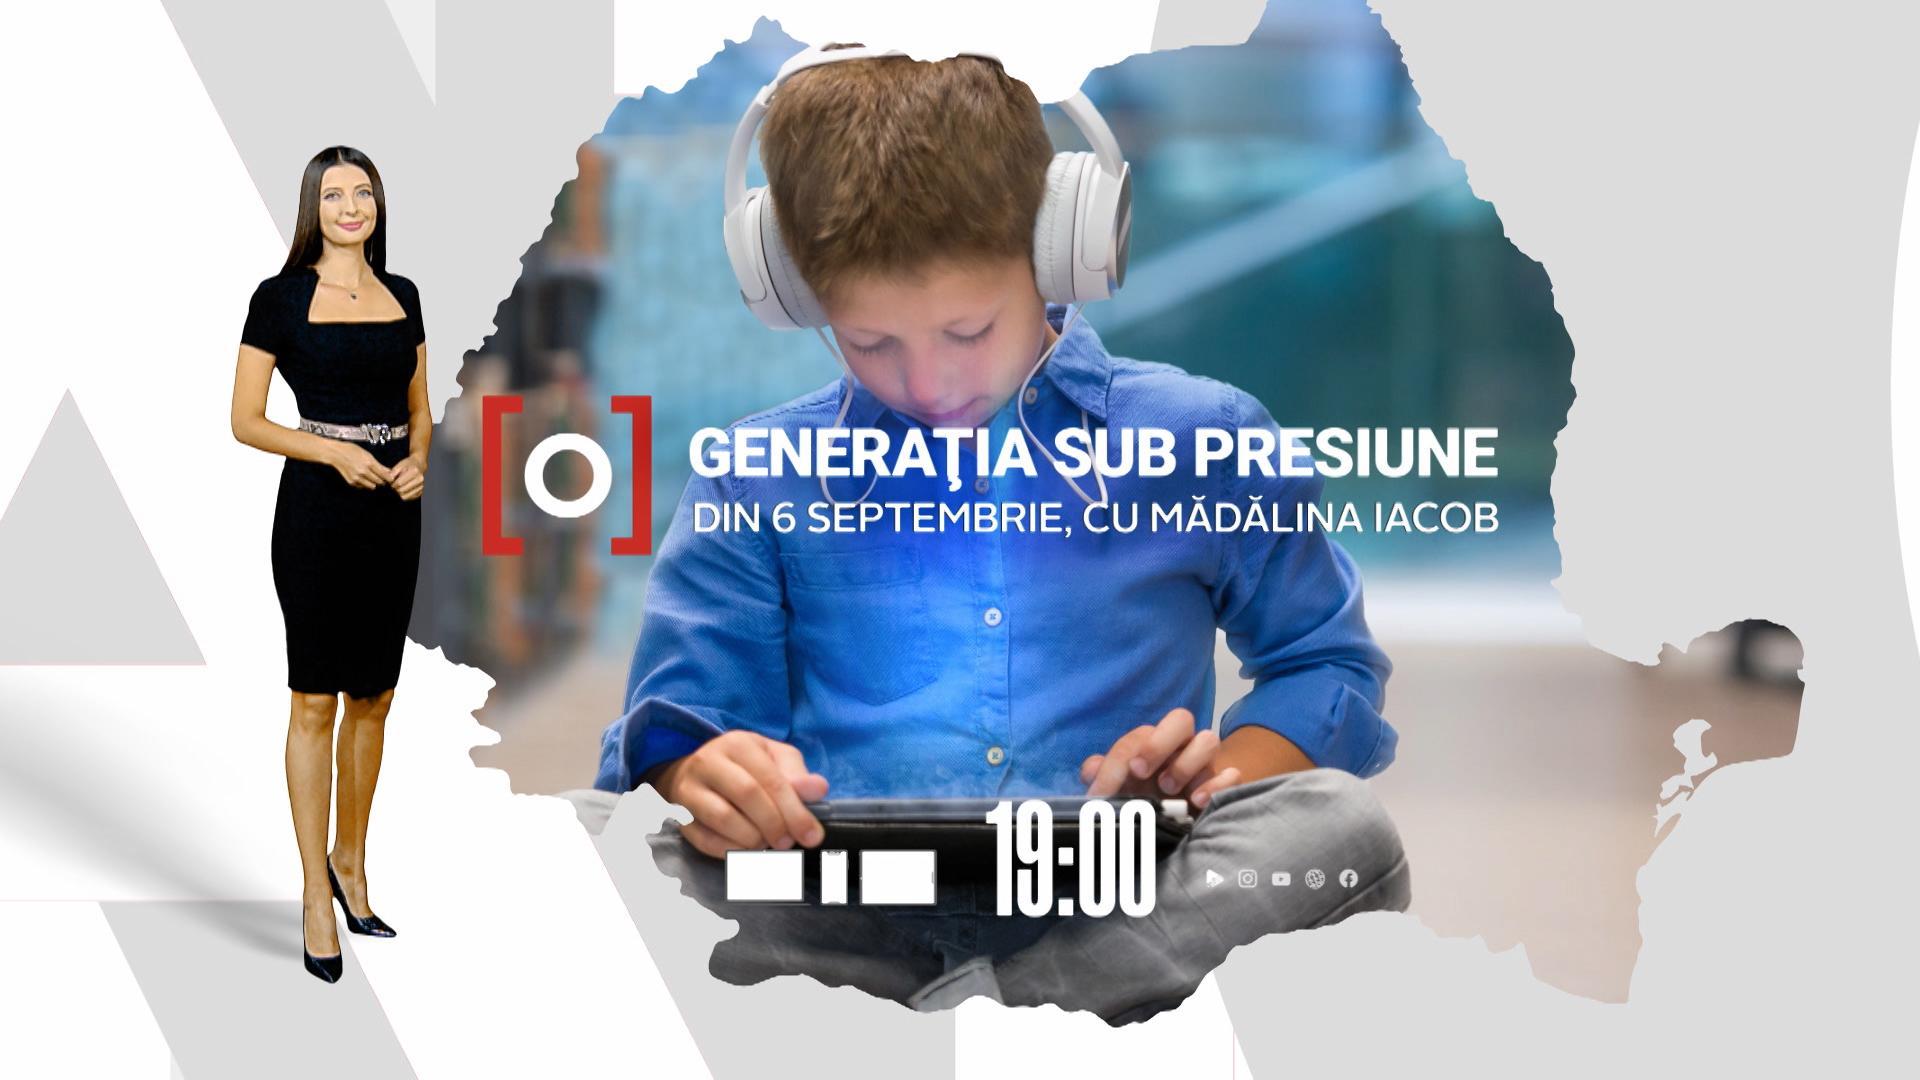 Generaţia sub presiune, campania care prezintă problemele elevilor după un an şi jumătate de pandemie, începe azi la Observator 19